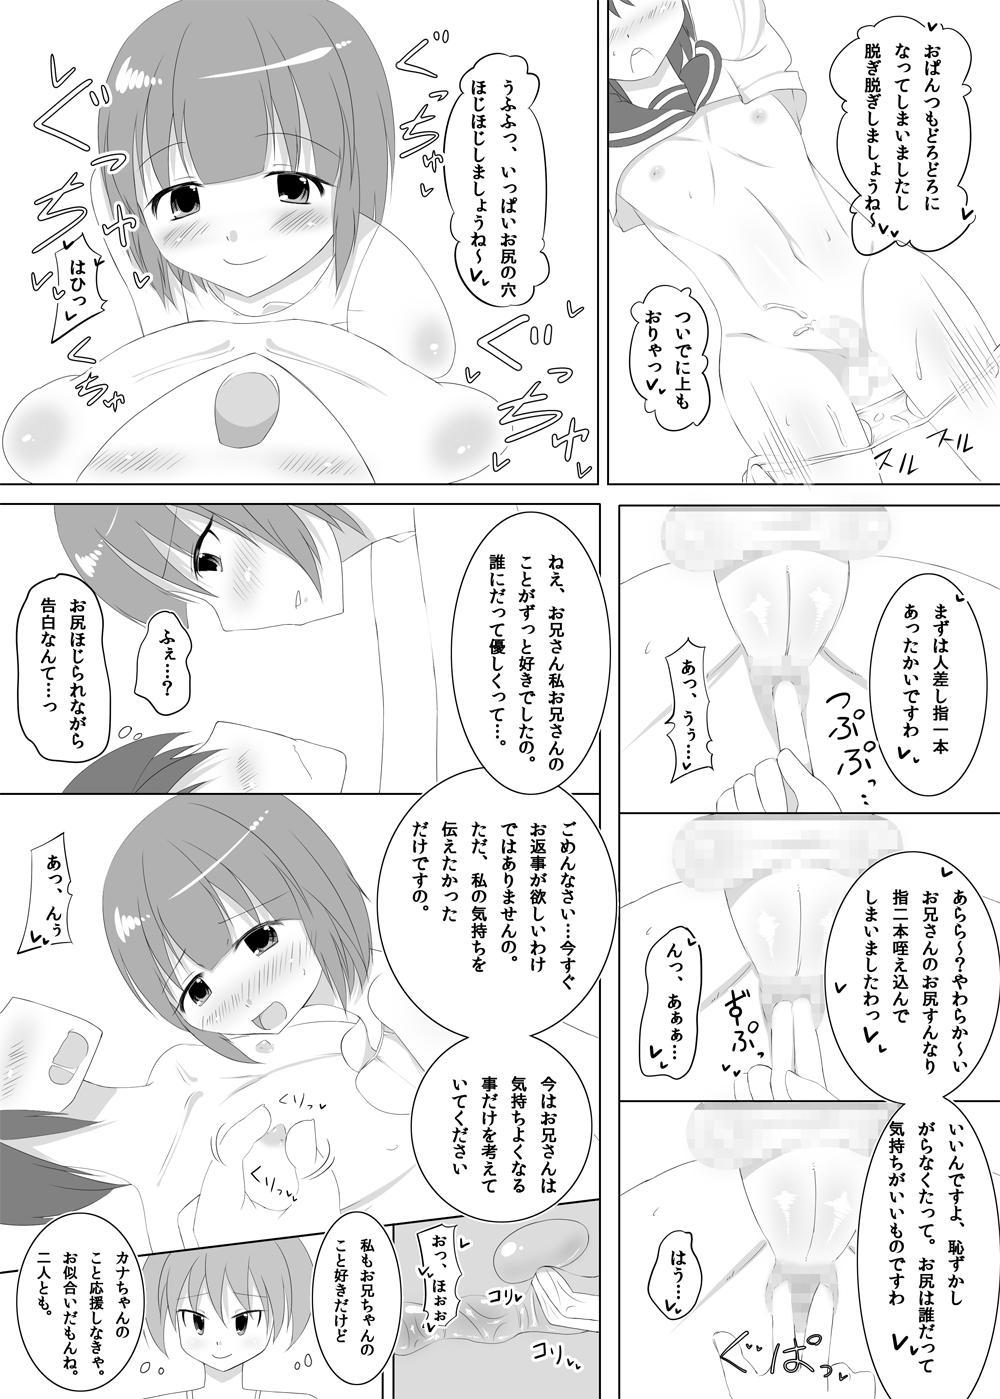 Futanari Time! Vol. 2 12